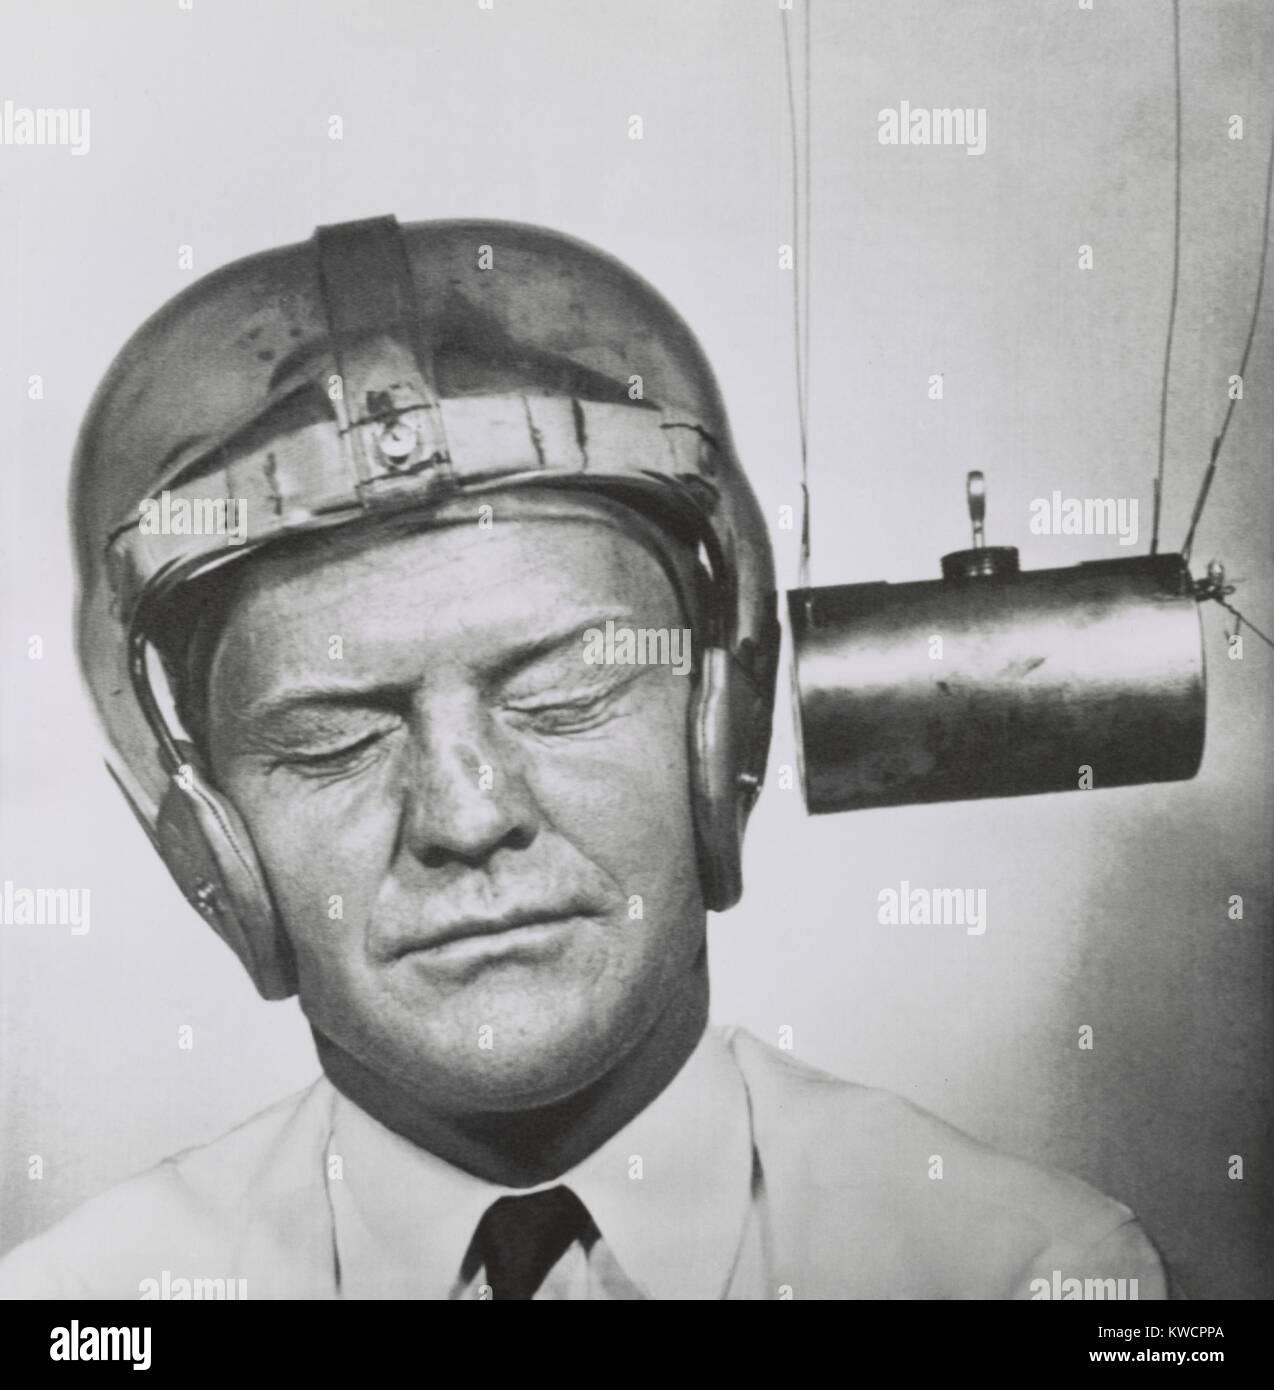 Pendel hämmerte einen Kunststoff Helm getragen zu Testzwecken um Kopfbedeckungen für Fußball-Spieler zu verbessern. Sept.13, 1950 - (BSLOC_2015_1_219) Stockfoto